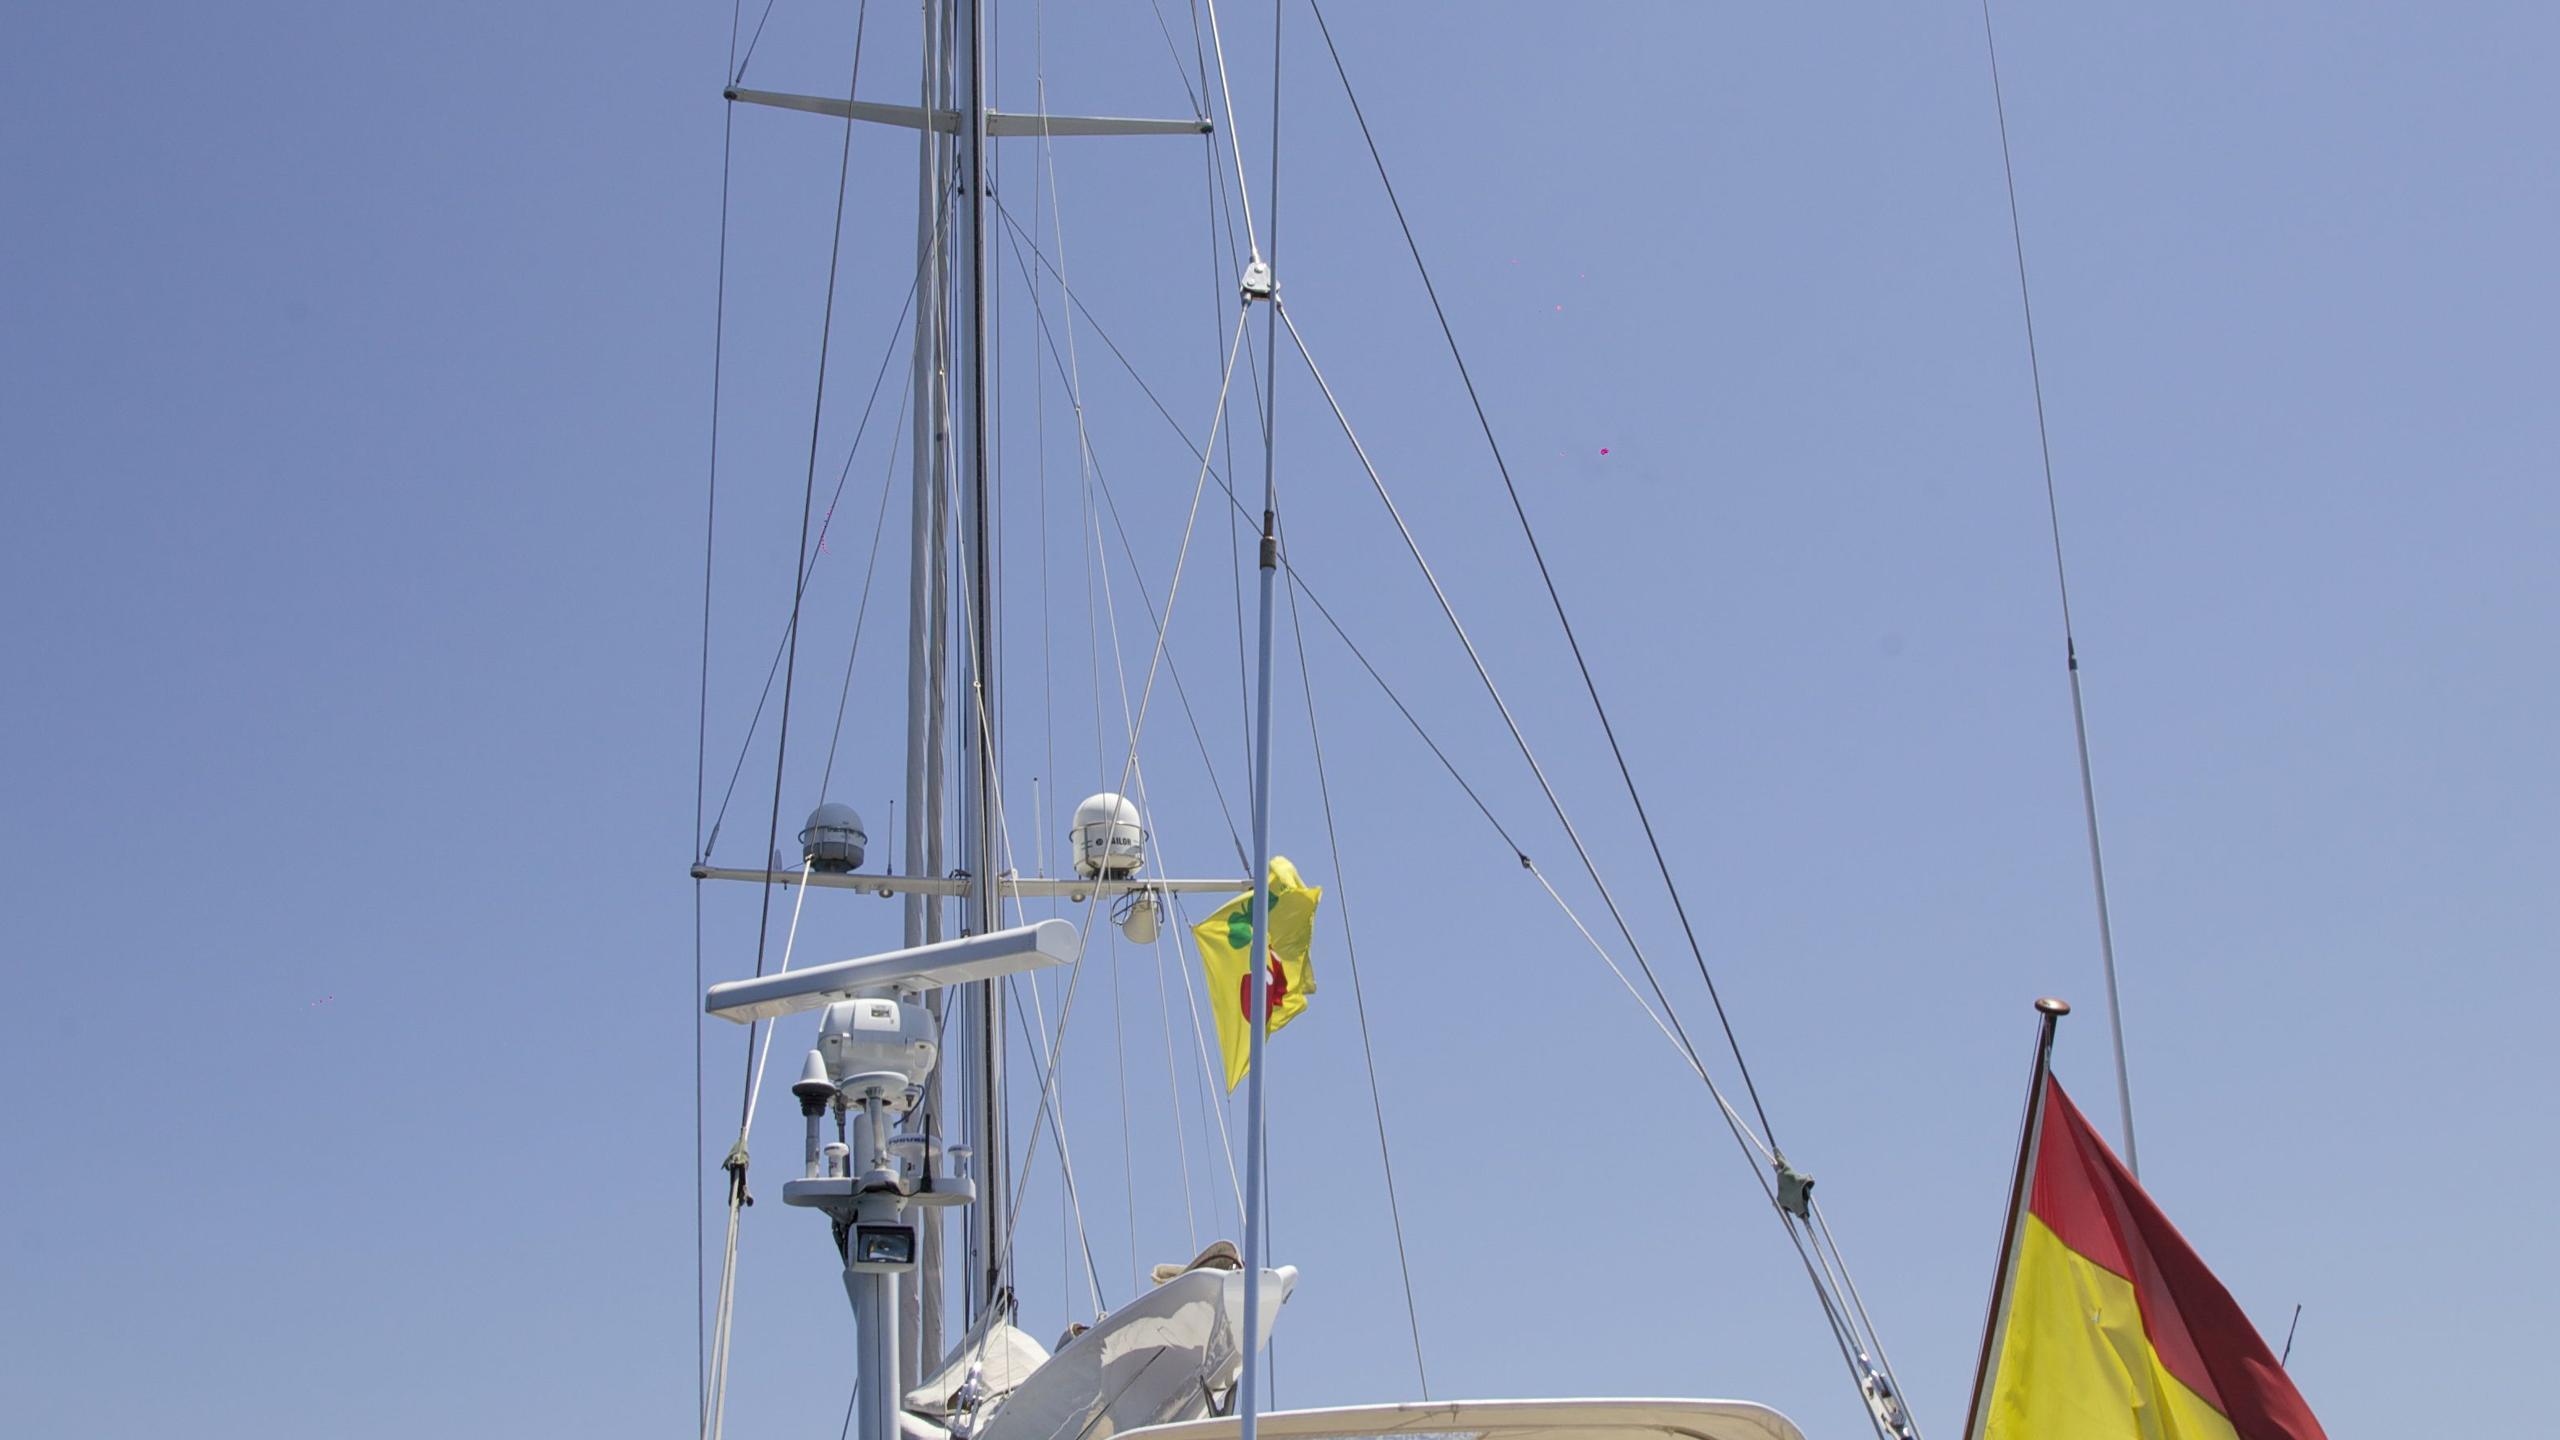 el-baile-yacht-stern